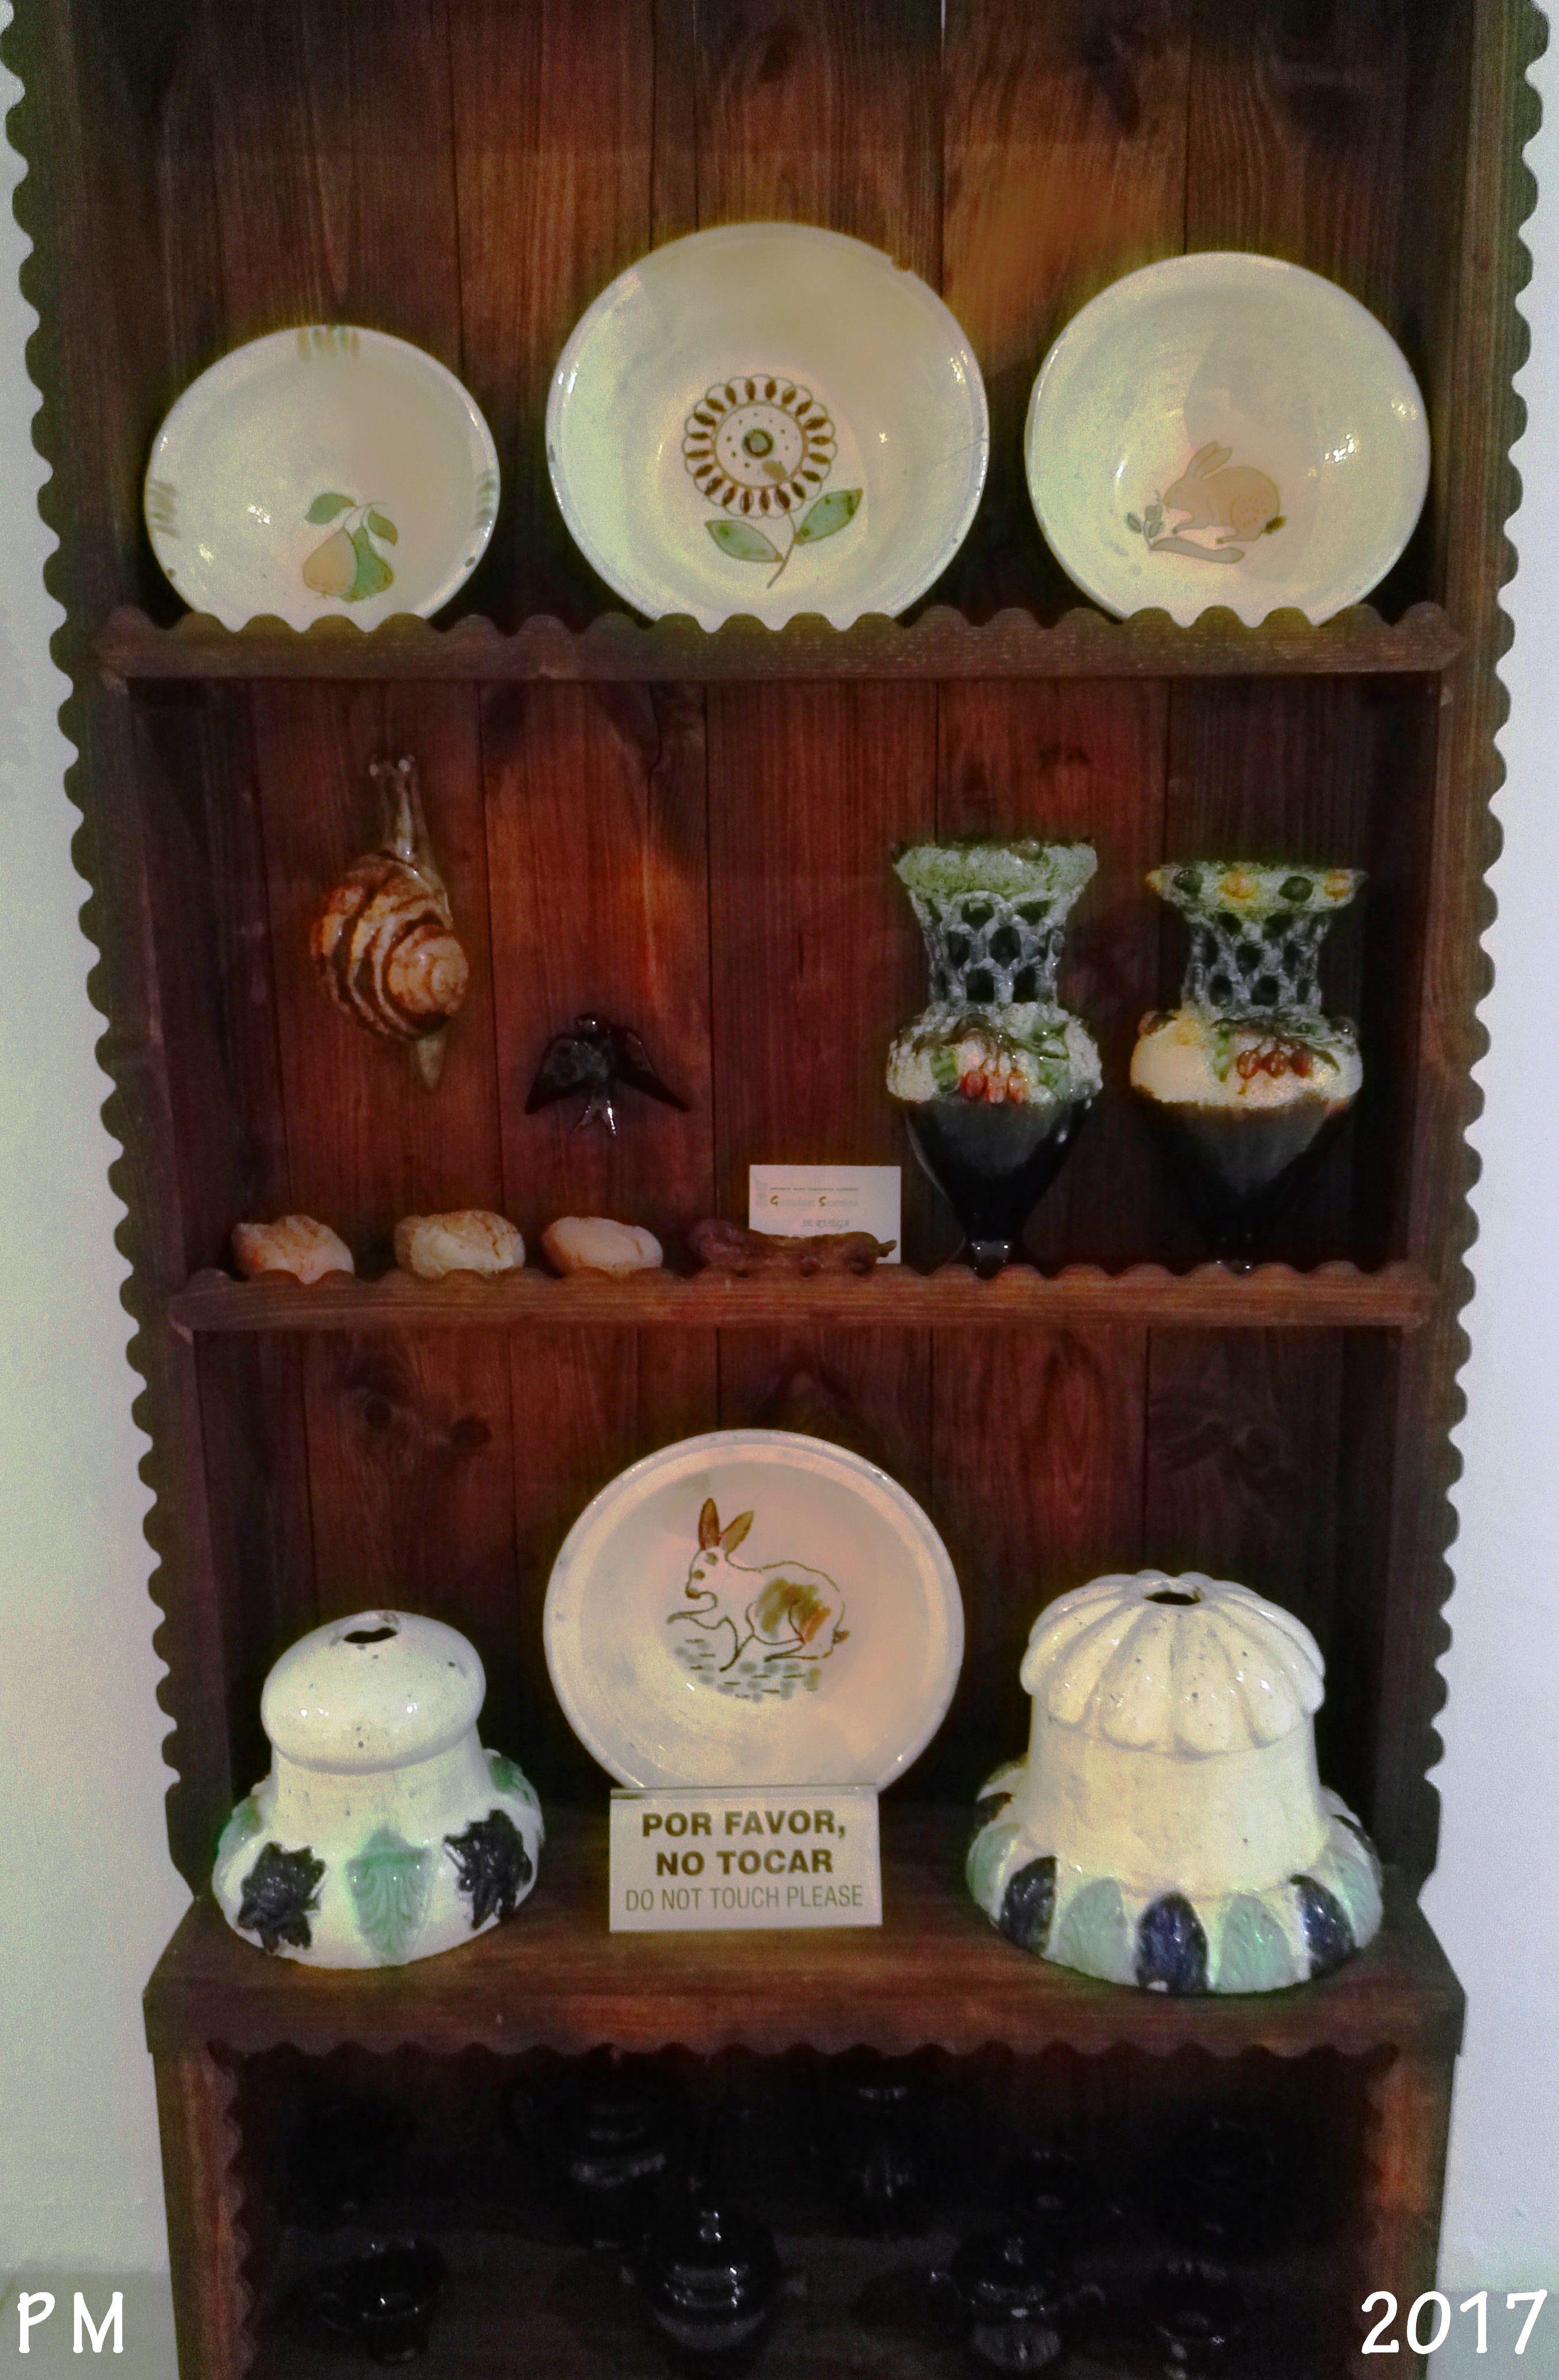 Cerámica popular. Colección de bellas piezas de cerámica, ánforas, caracoles,platos, cuencos o palanganas, etc. Popular ceramics. Collection of beautiful pieces of pottery, amphorae, snails, plates, bowls or basins, etc.